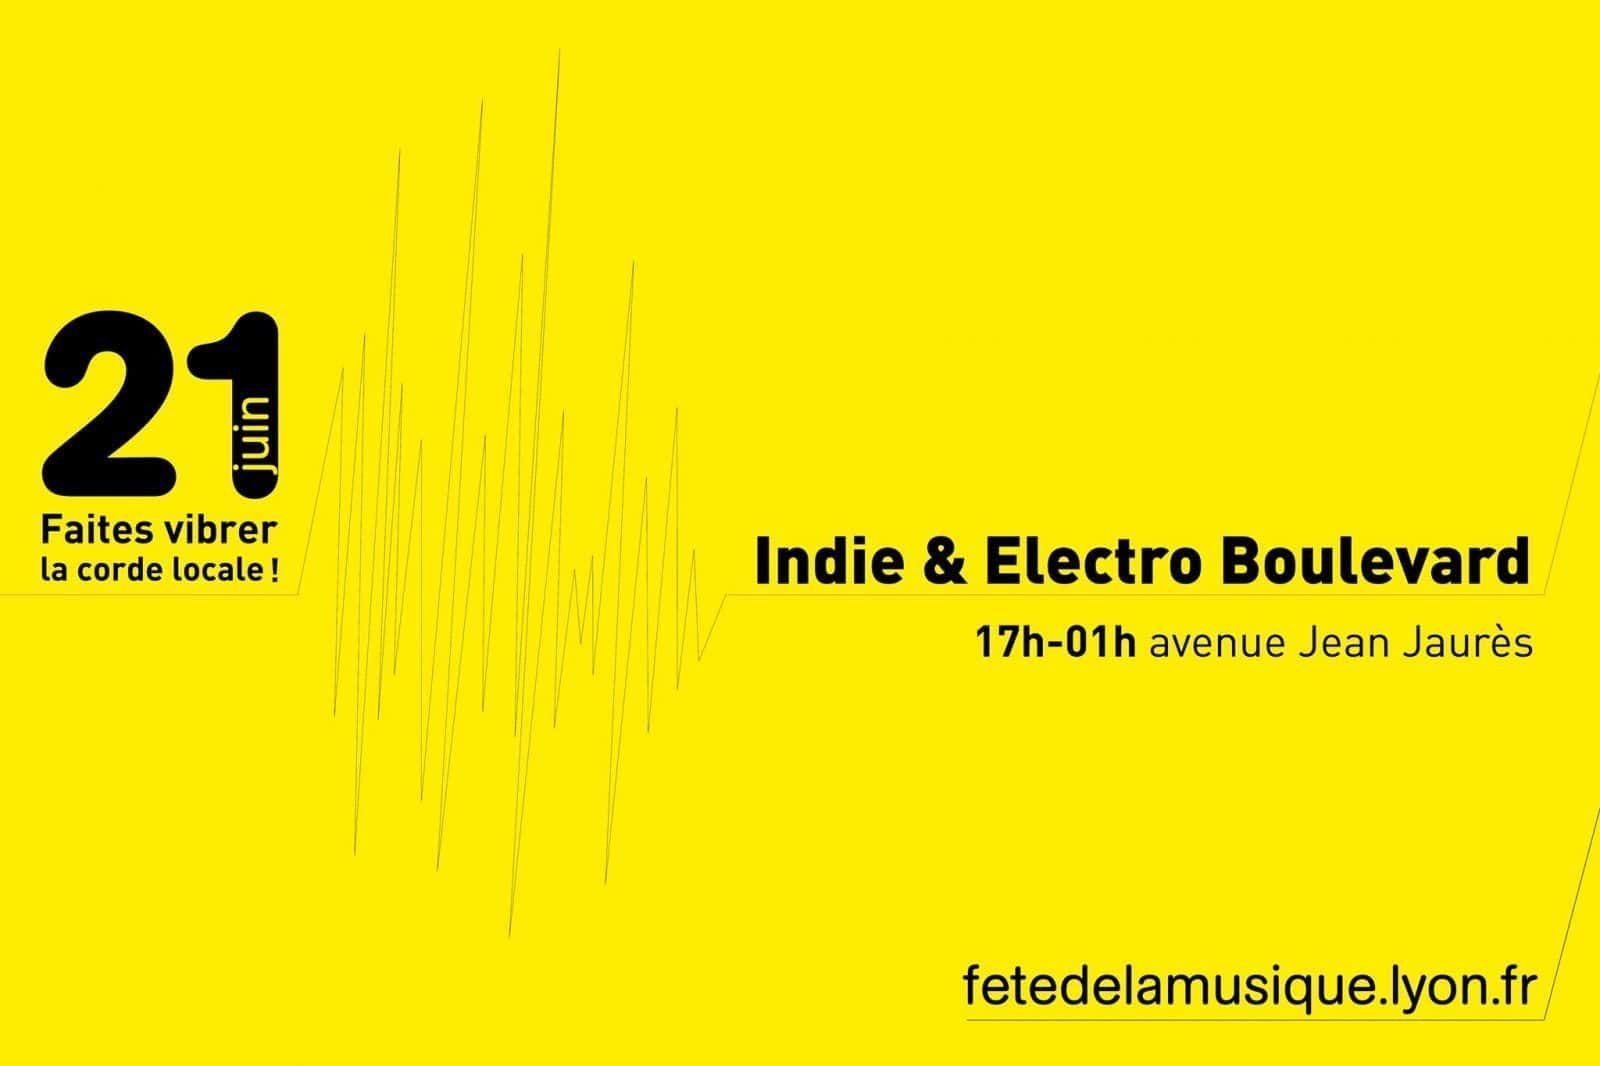 cover évènement Inide&Electro Boulevard Fête de la Musique Lyon